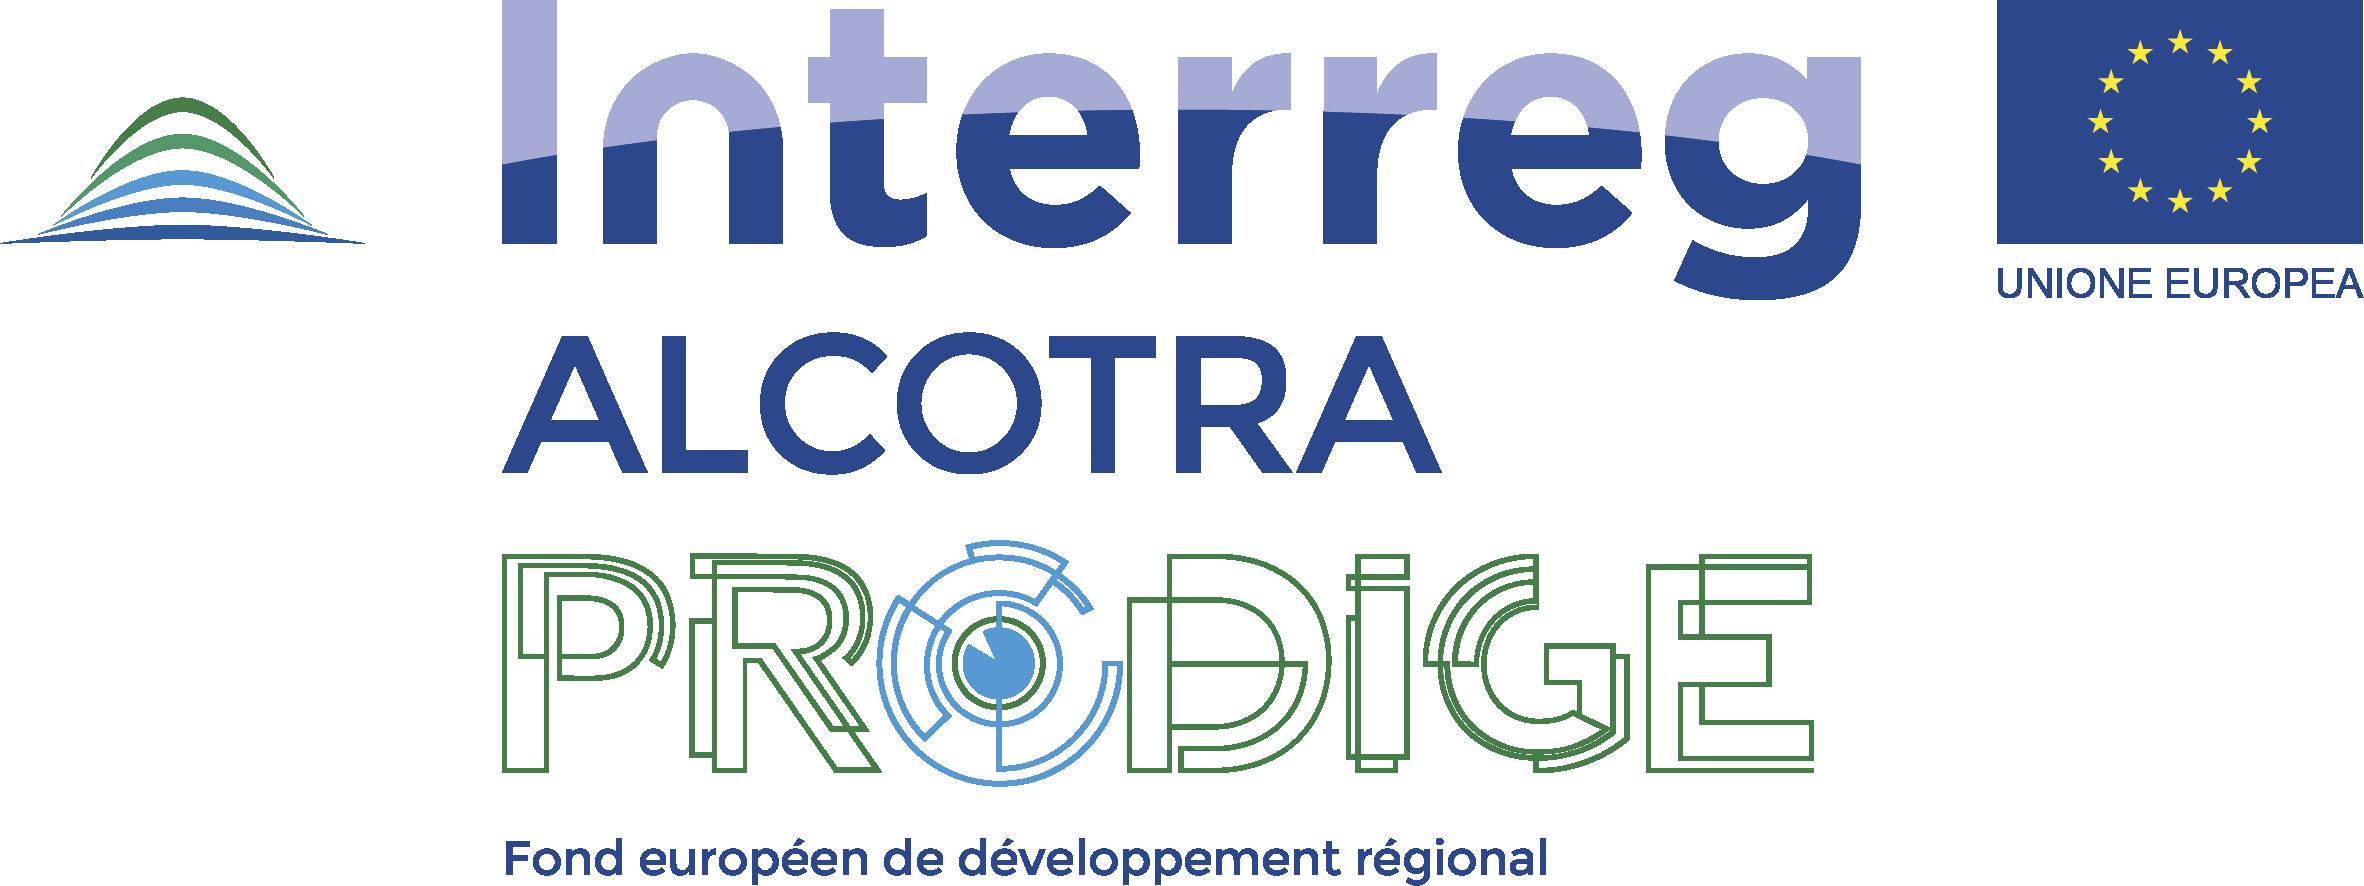 Interreg_Prodige_Alcotra1_FRA(300dpi)